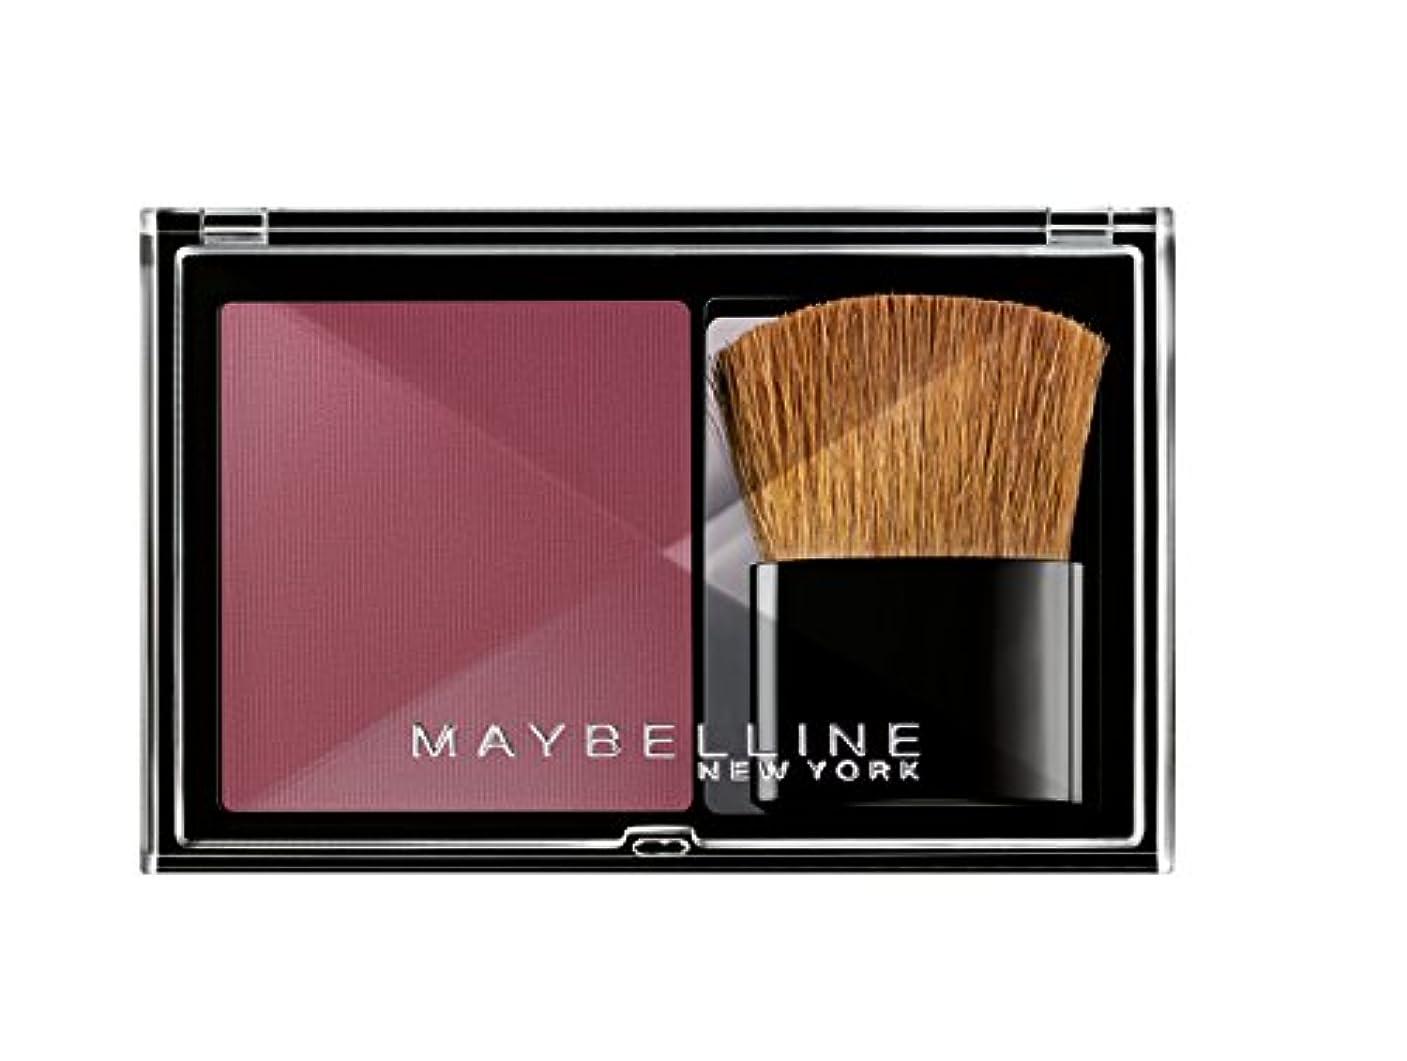 厚い五月リーガンMaybelline New York Expert Wear Blush Rouge Flash Plum/Pflaumenfarbenes Rouge-Puder, Make-Up für einen frischen...